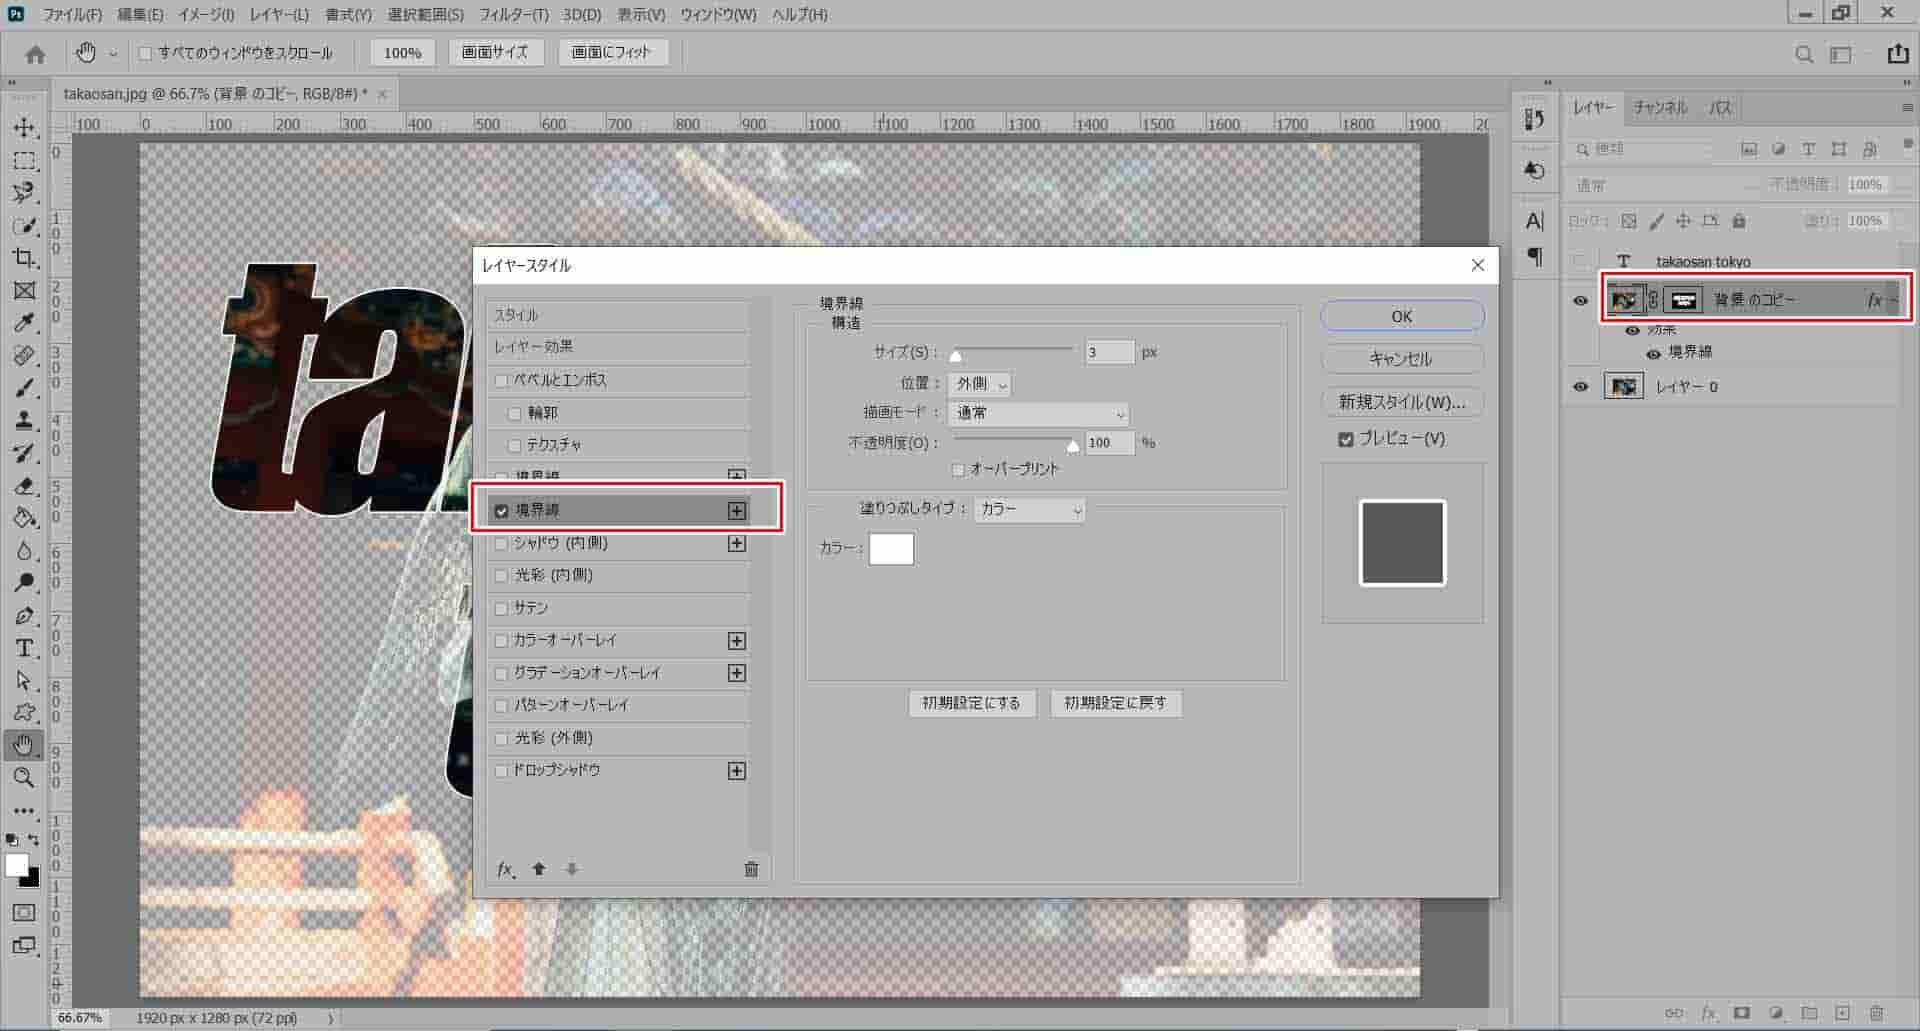 文字と画像の境目を明確にするために、レイヤースタイルで境界線を追加する